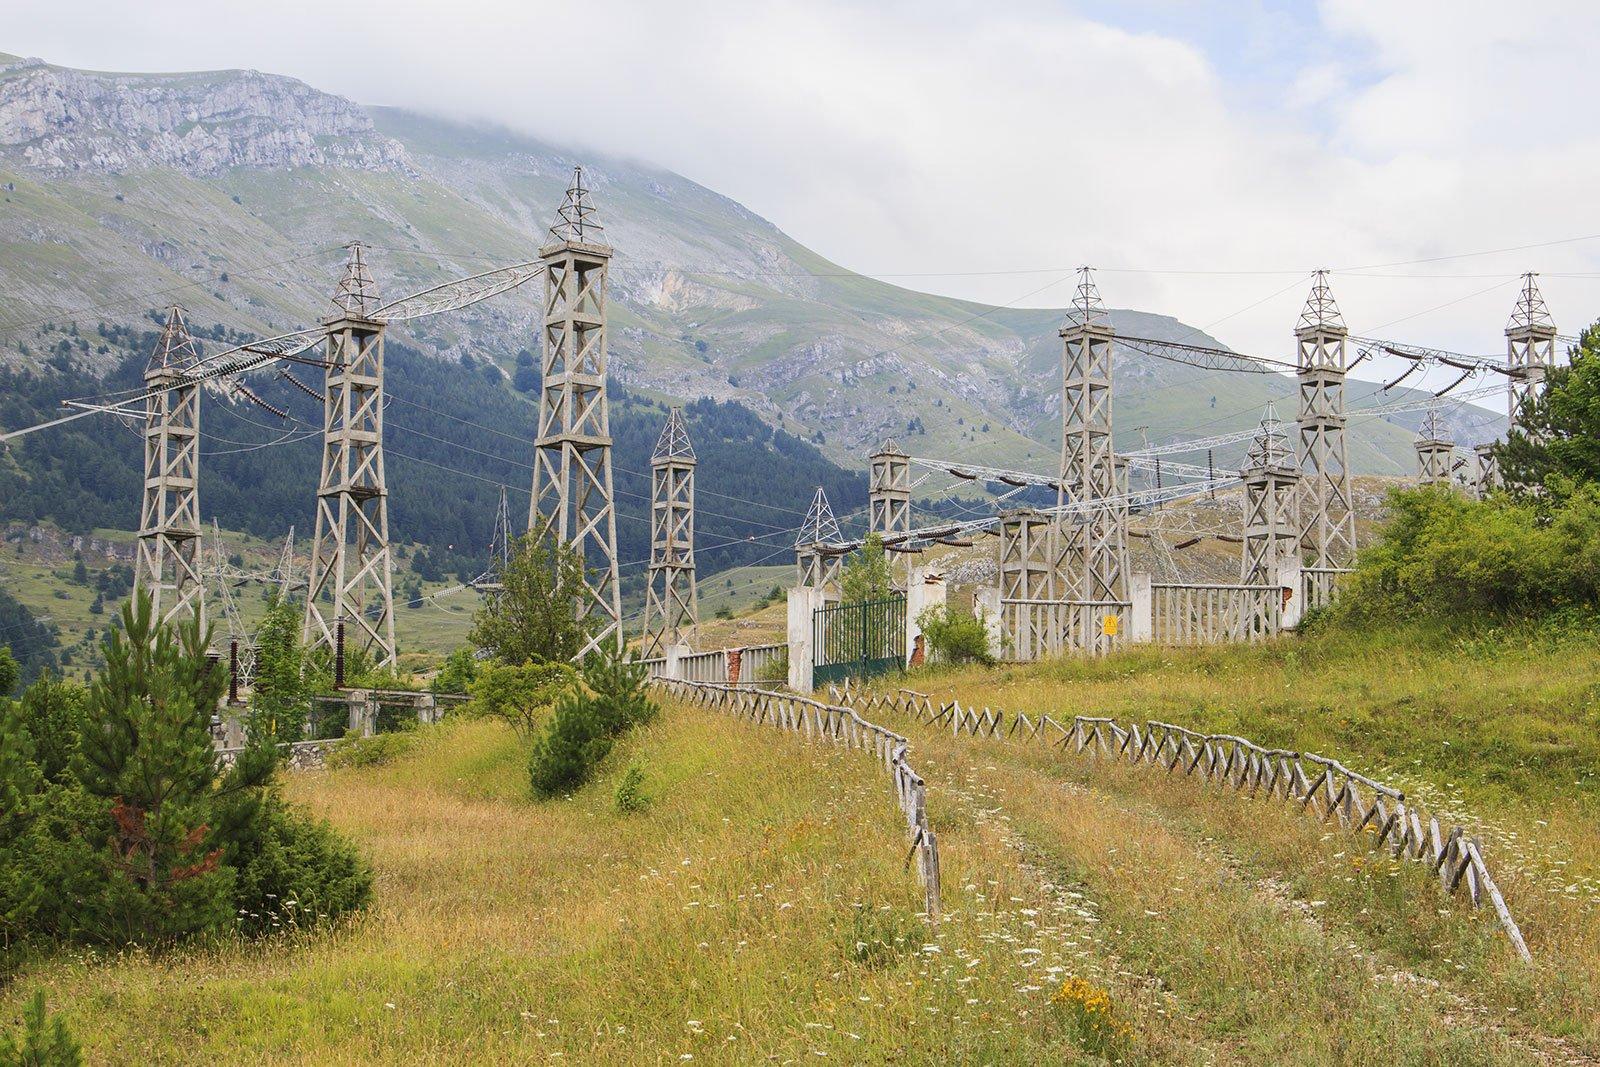 Un impianto elettrico tra le montagne con molti pali e cavi ad alta tensione